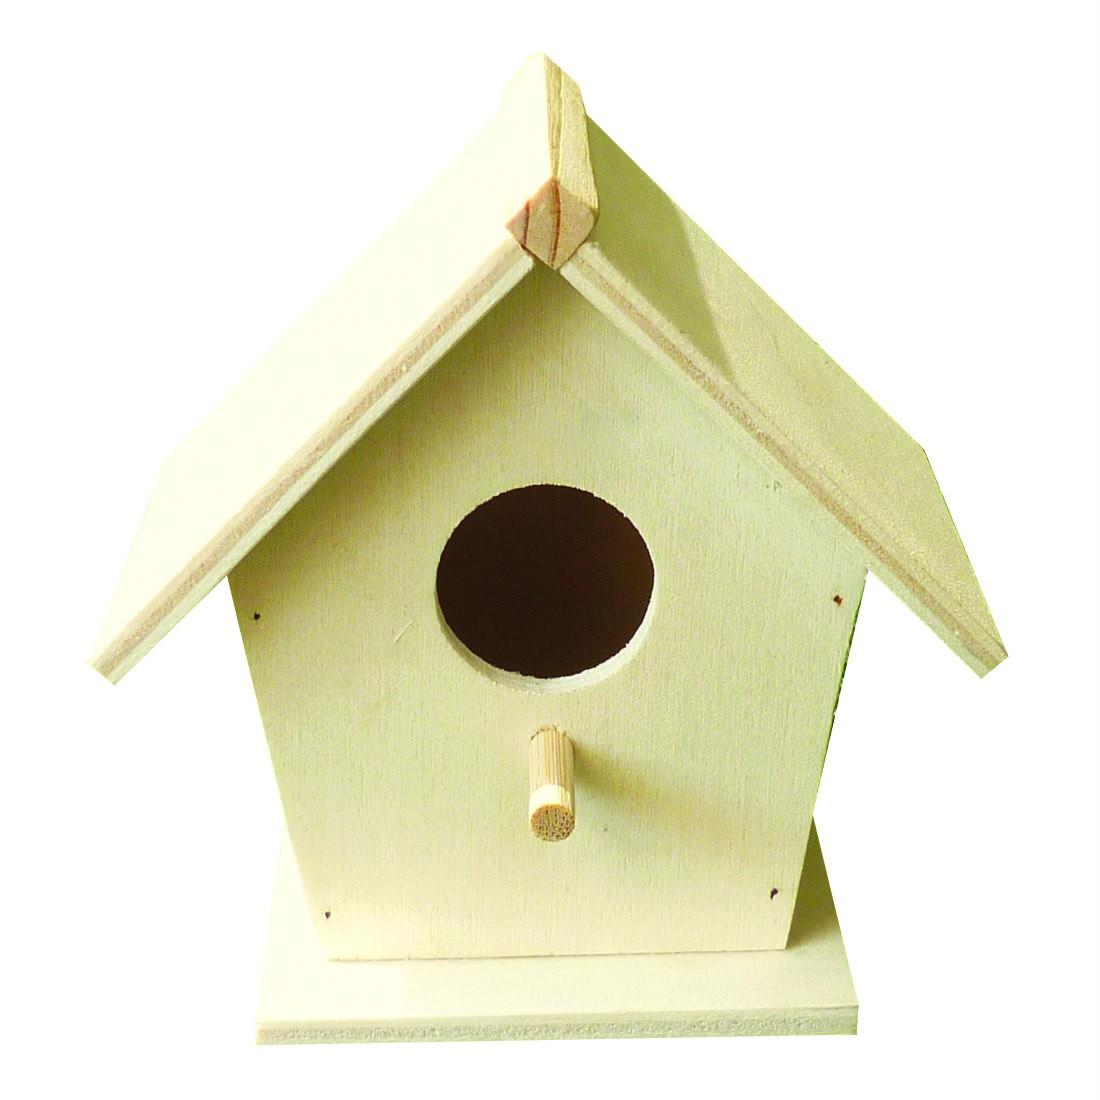 Vogelhaus Nistkasten Holz Natur Unbehandelt Zum Anmalen Bemalen